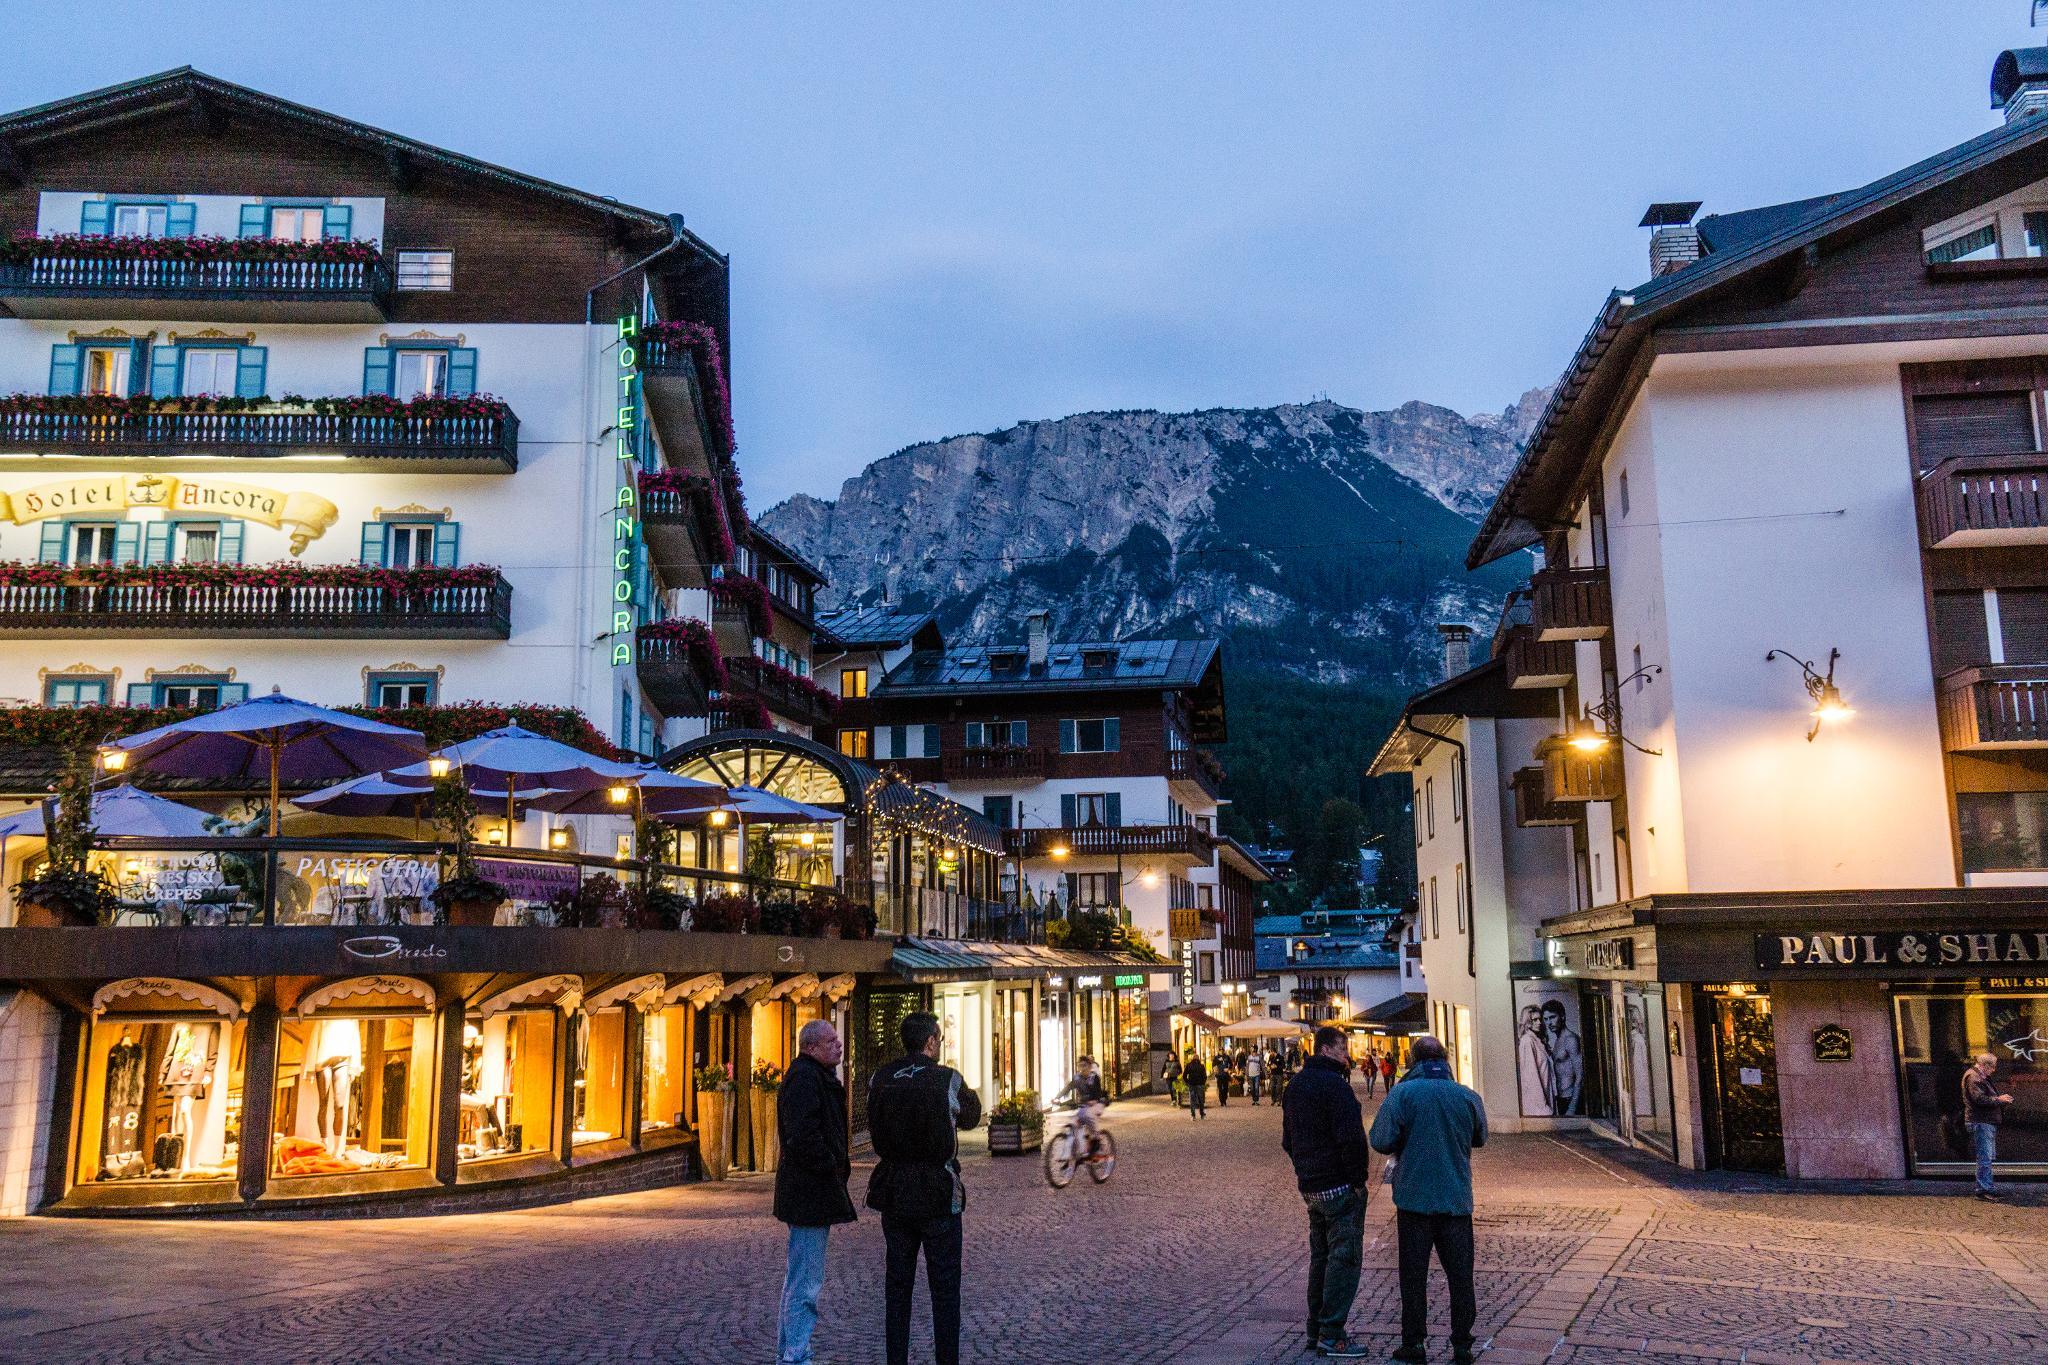 【義大利】健行在阿爾卑斯的絕美秘境:多洛米提山脈 (The Dolomites) 行程規劃全攻略 30